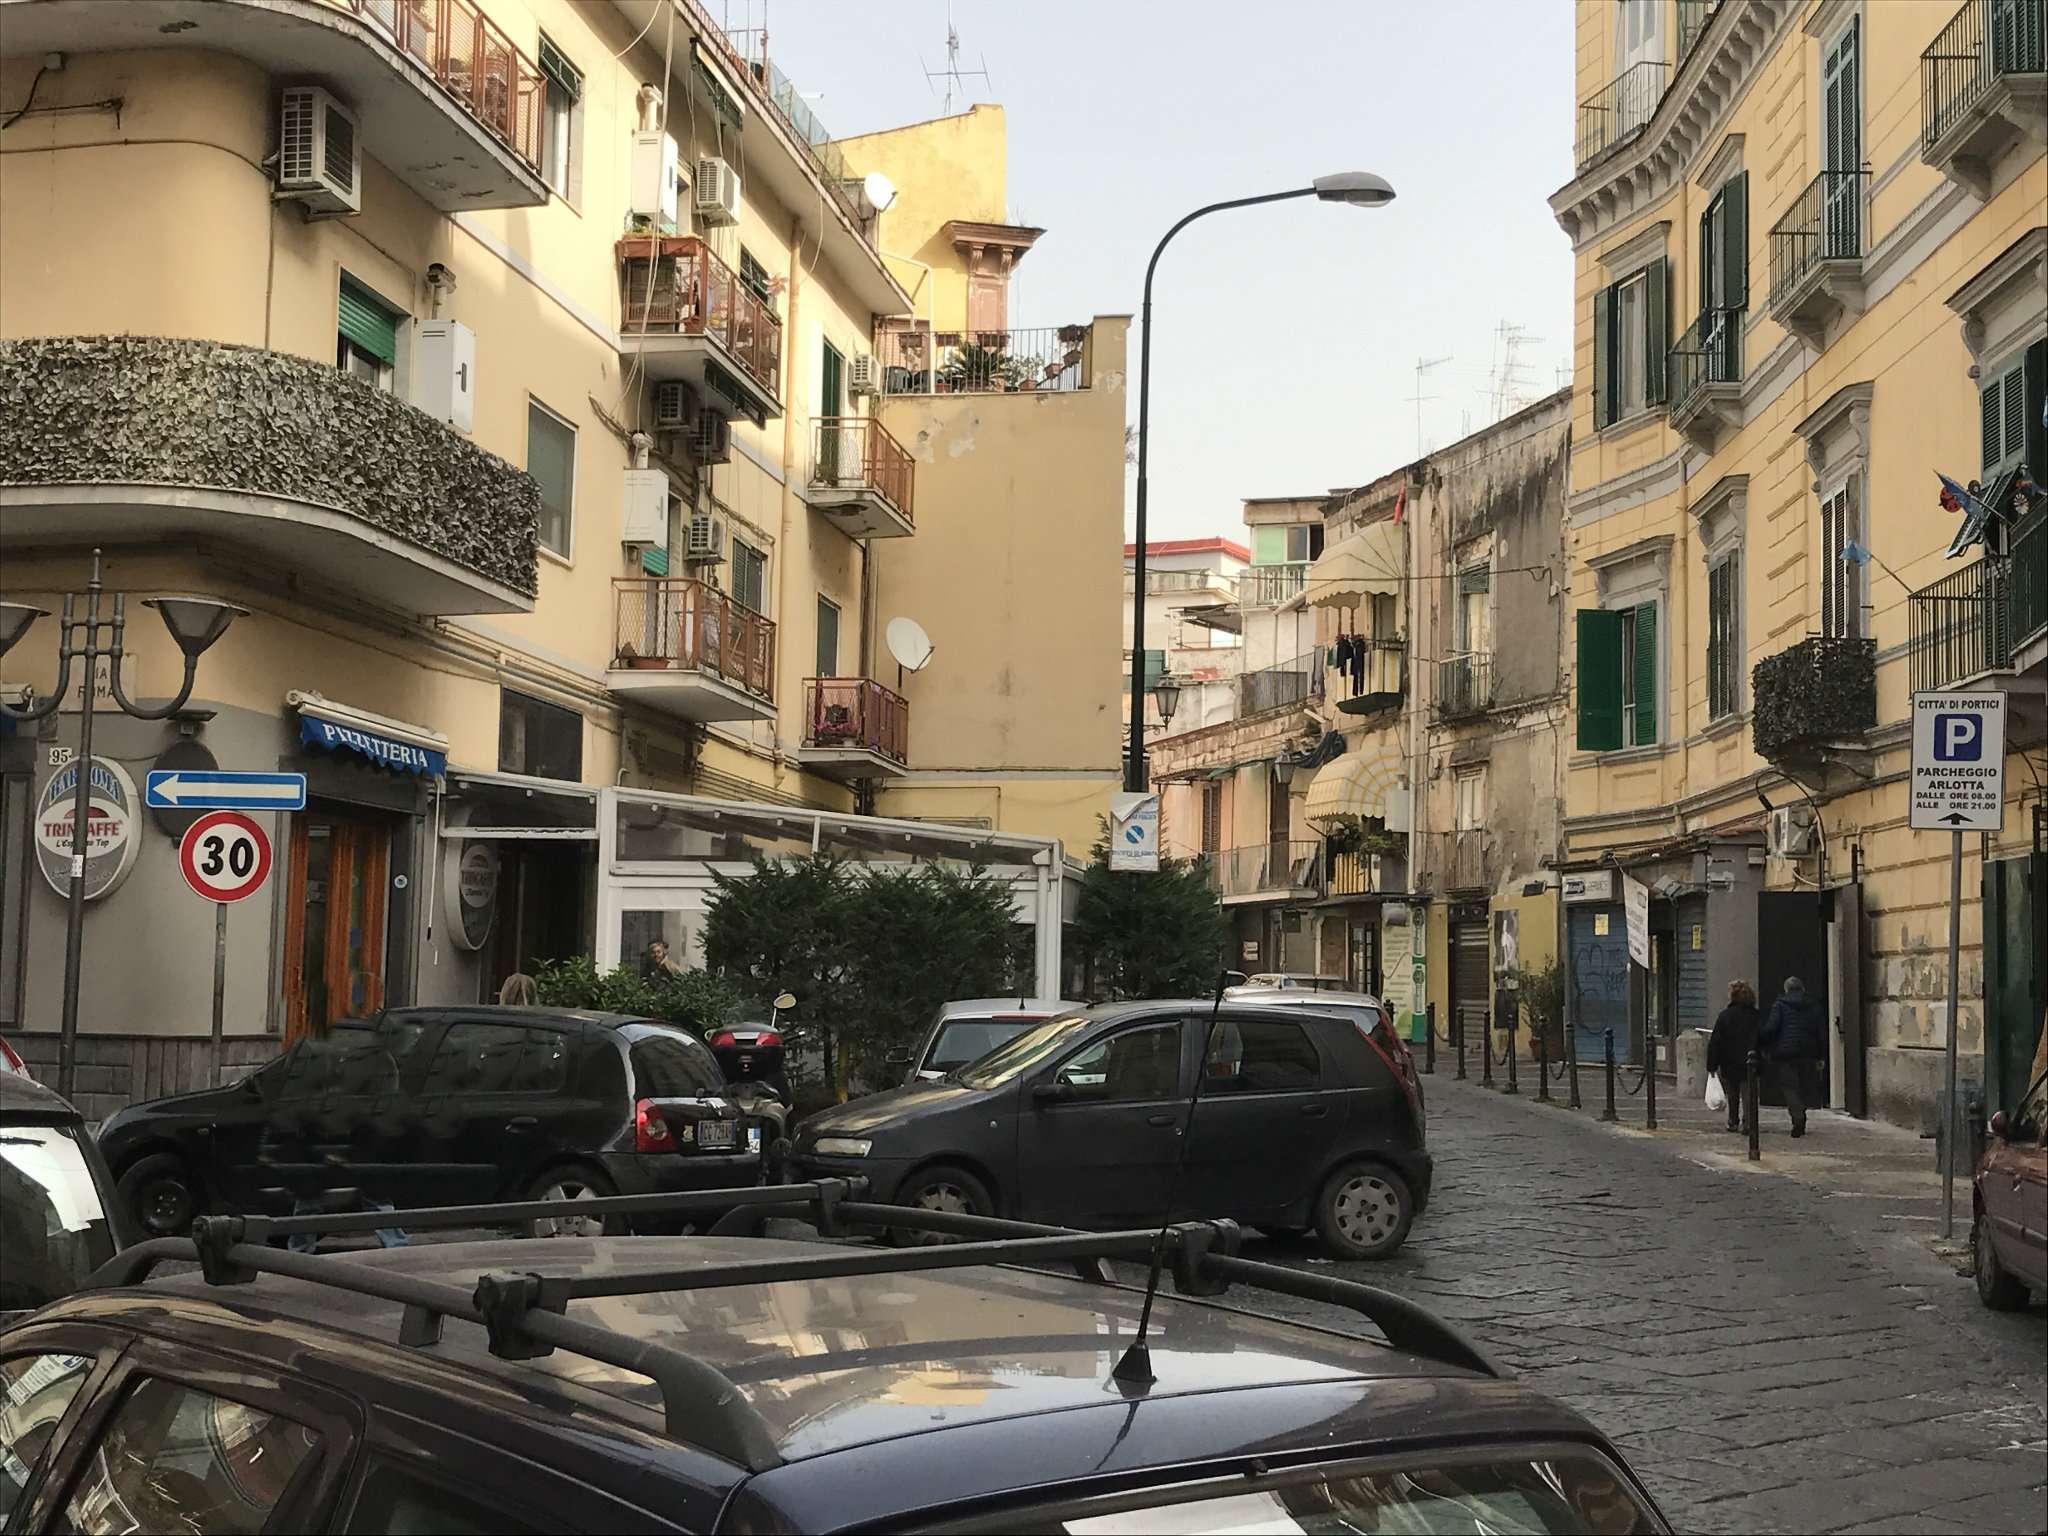 Negozio / Locale in vendita a Portici, 2 locali, prezzo € 115.000 | Cambio Casa.it